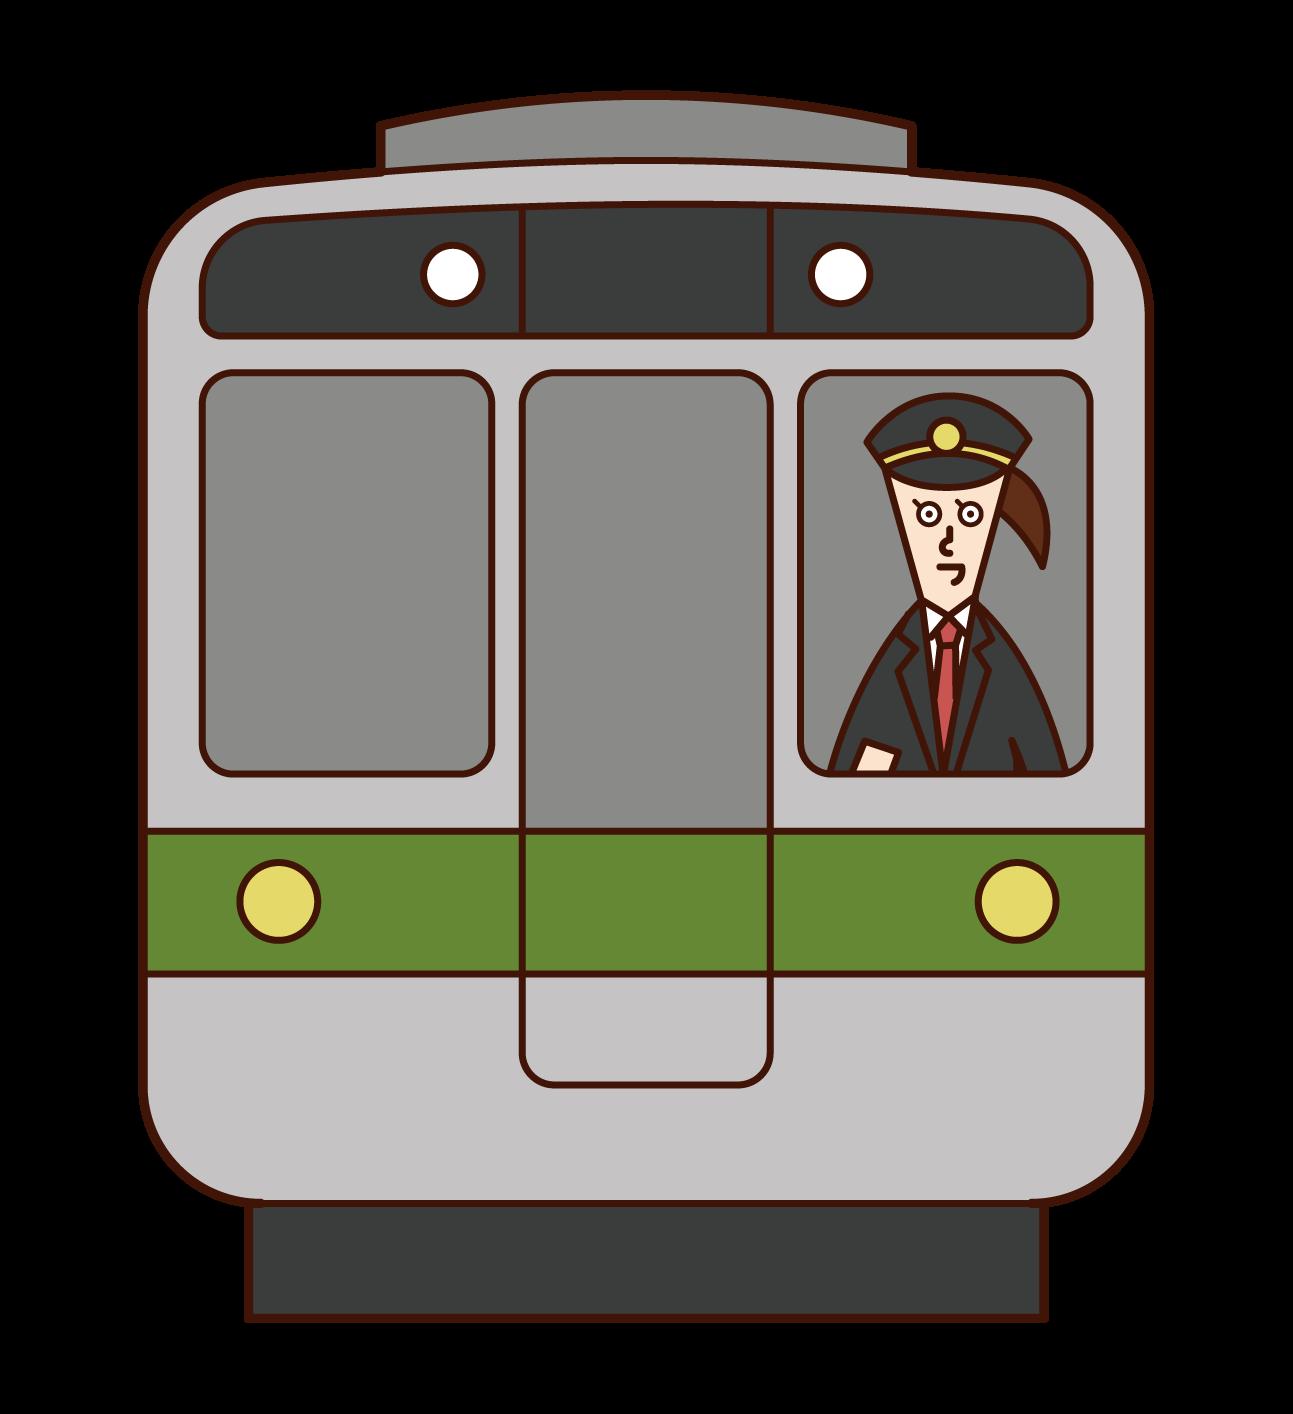 電車の運転士(女性)のイラスト